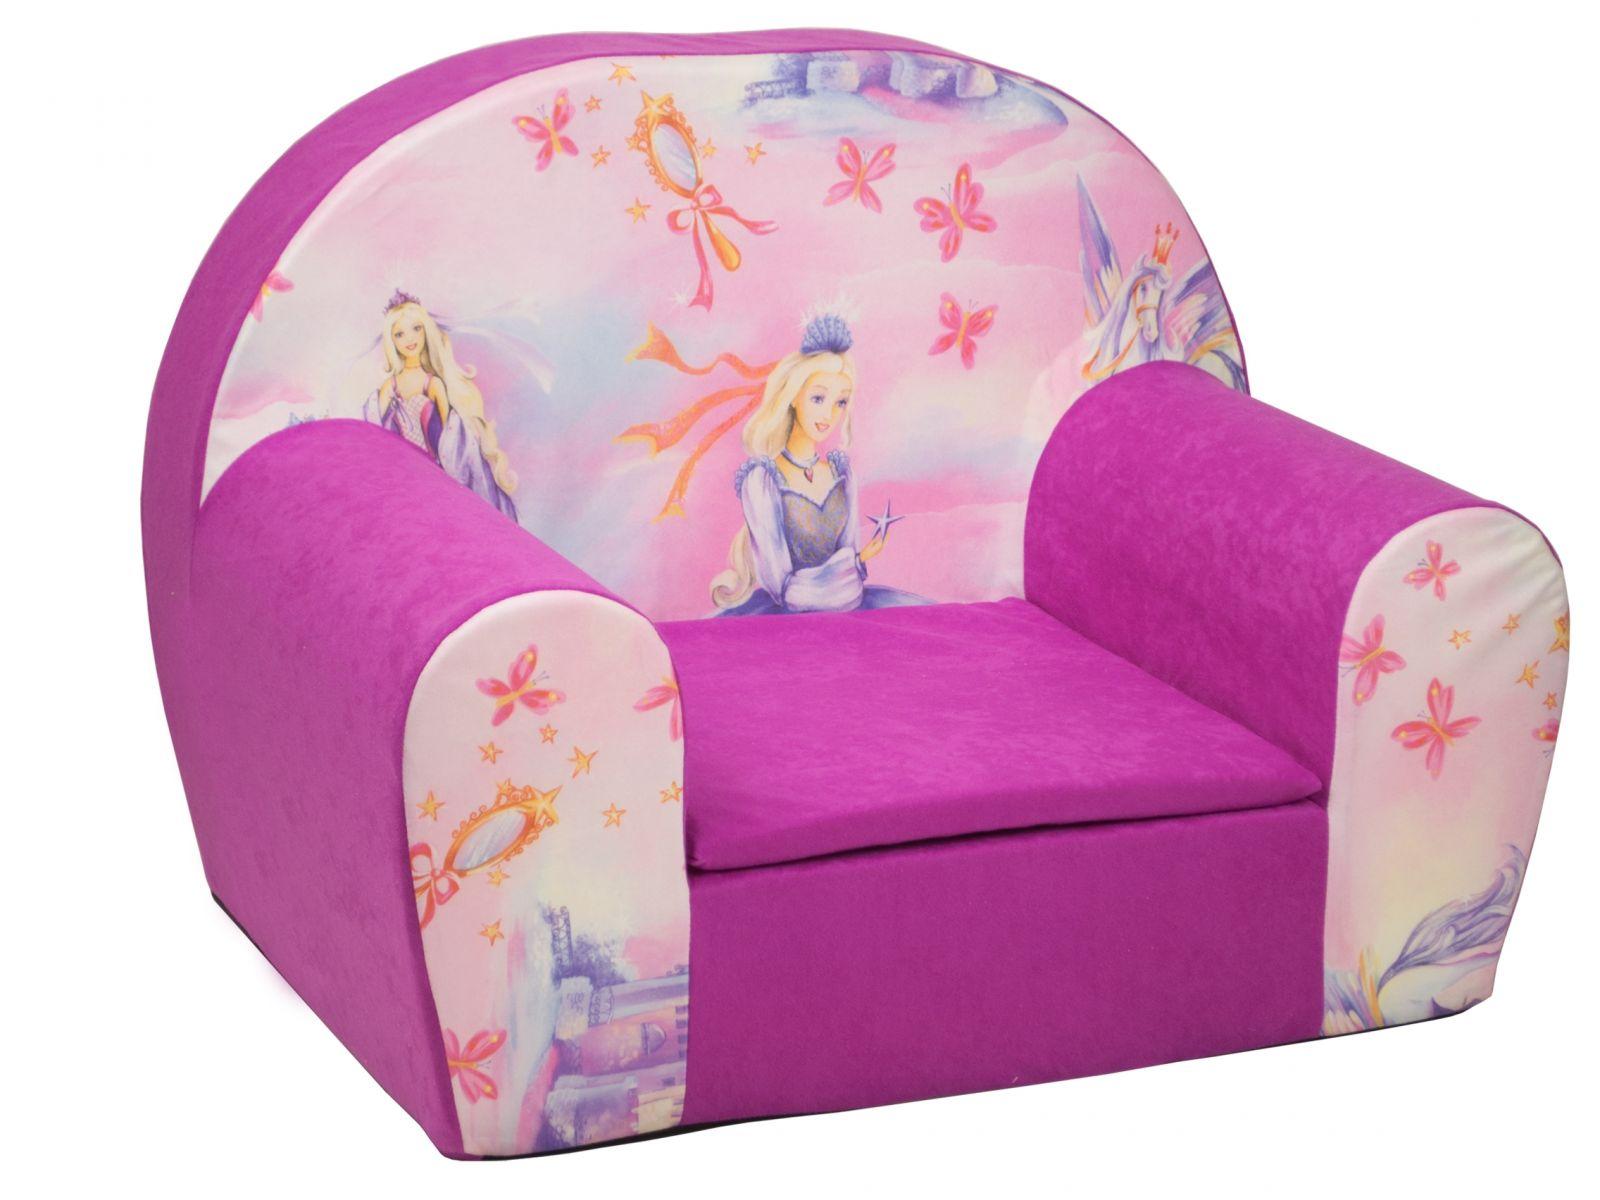 Fimex Dětské křesílko Princezna růžové